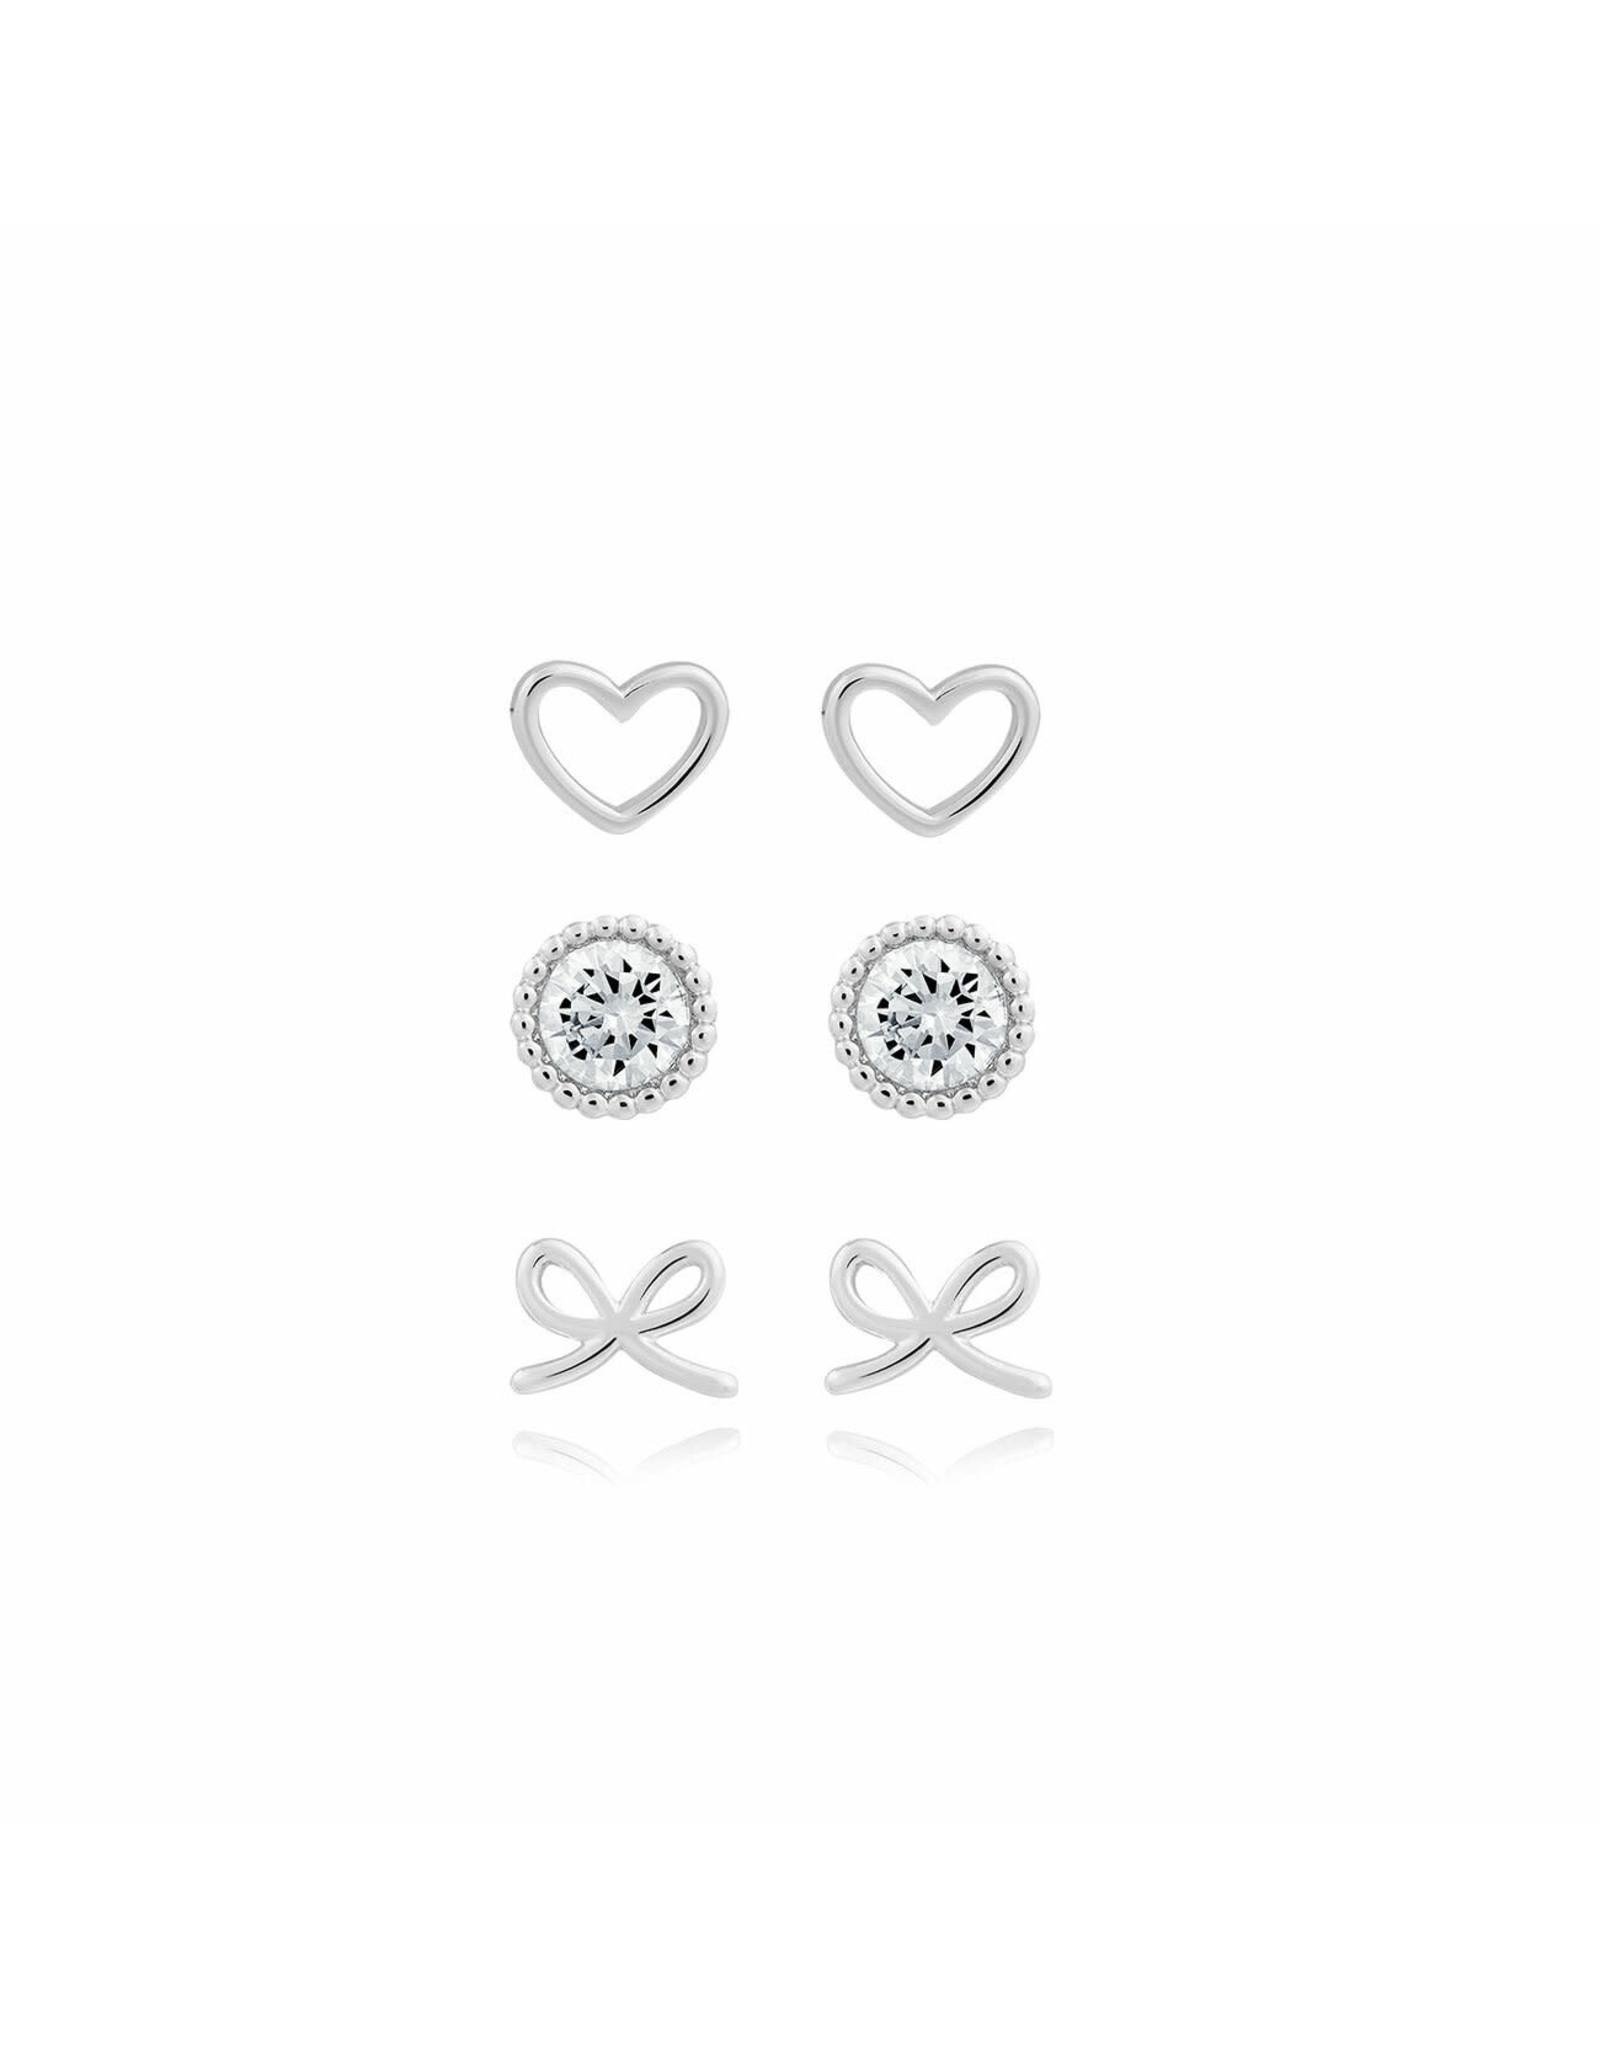 Joma Jewellery Oorbellen Set - Love You